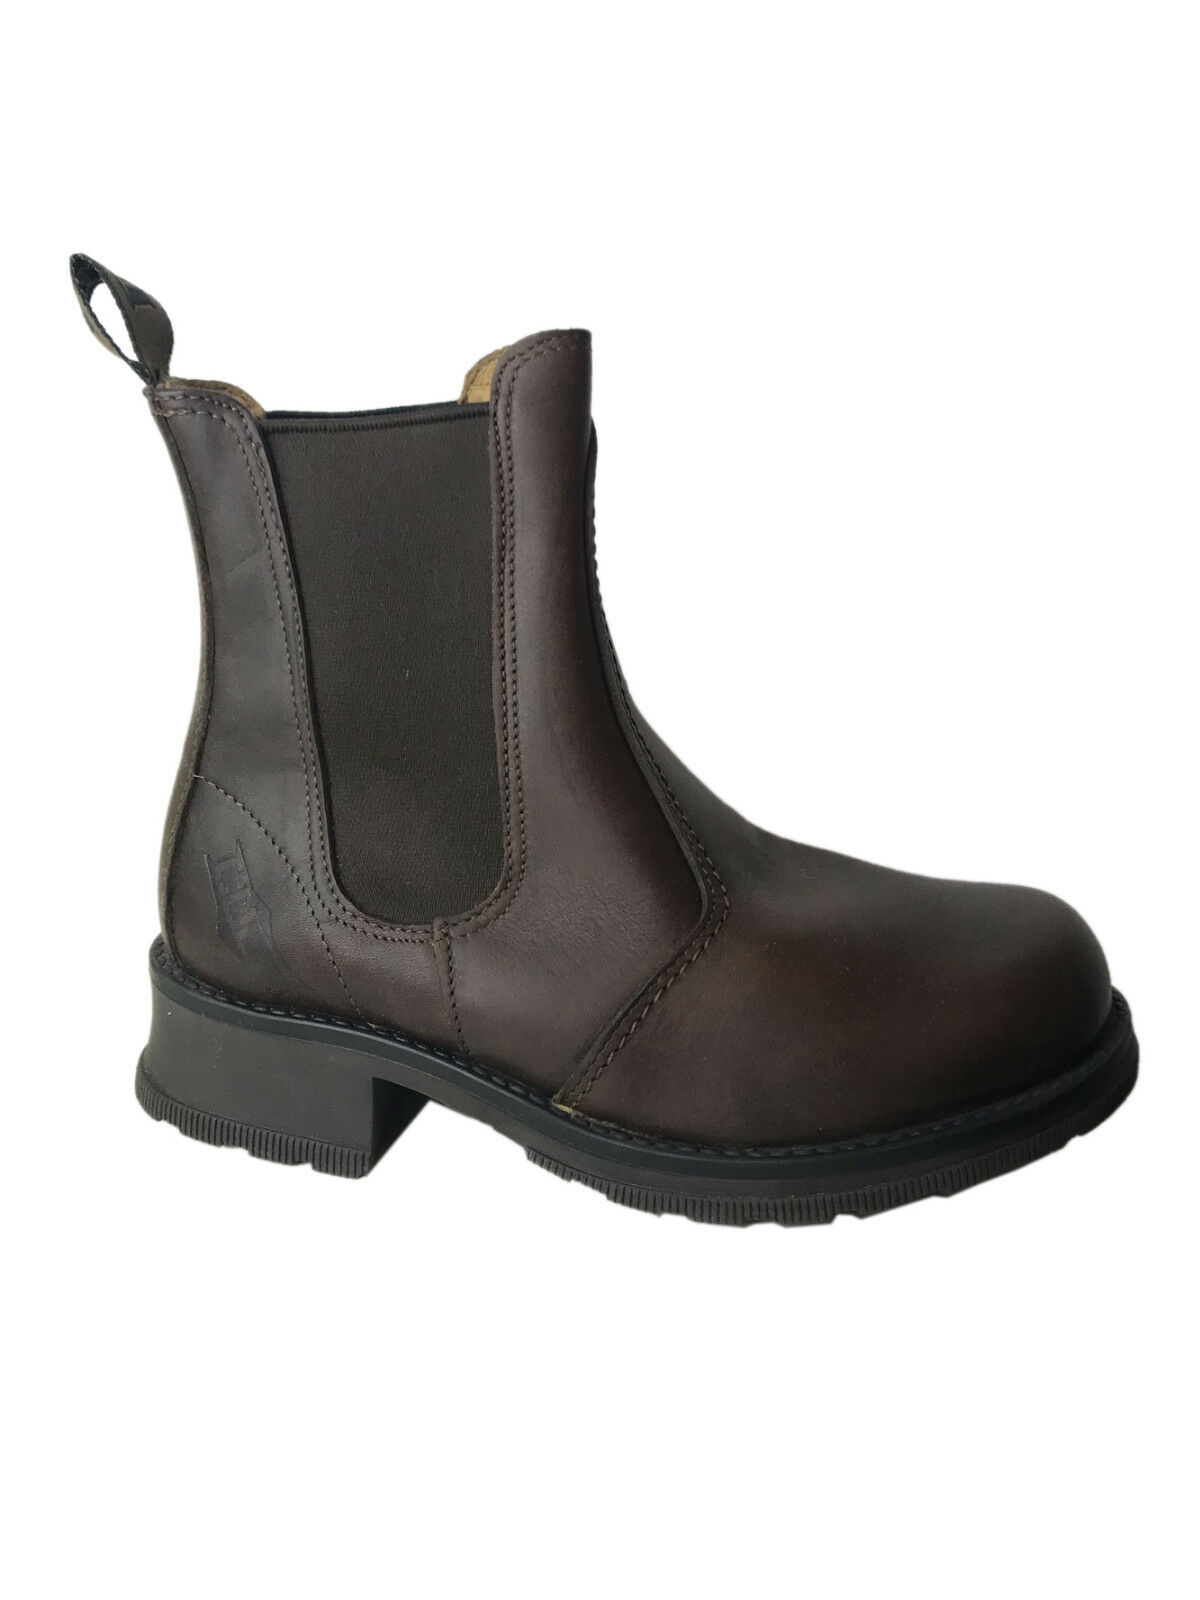 Cult CL8510CN977 Frisco Vintage Chelsea Boots